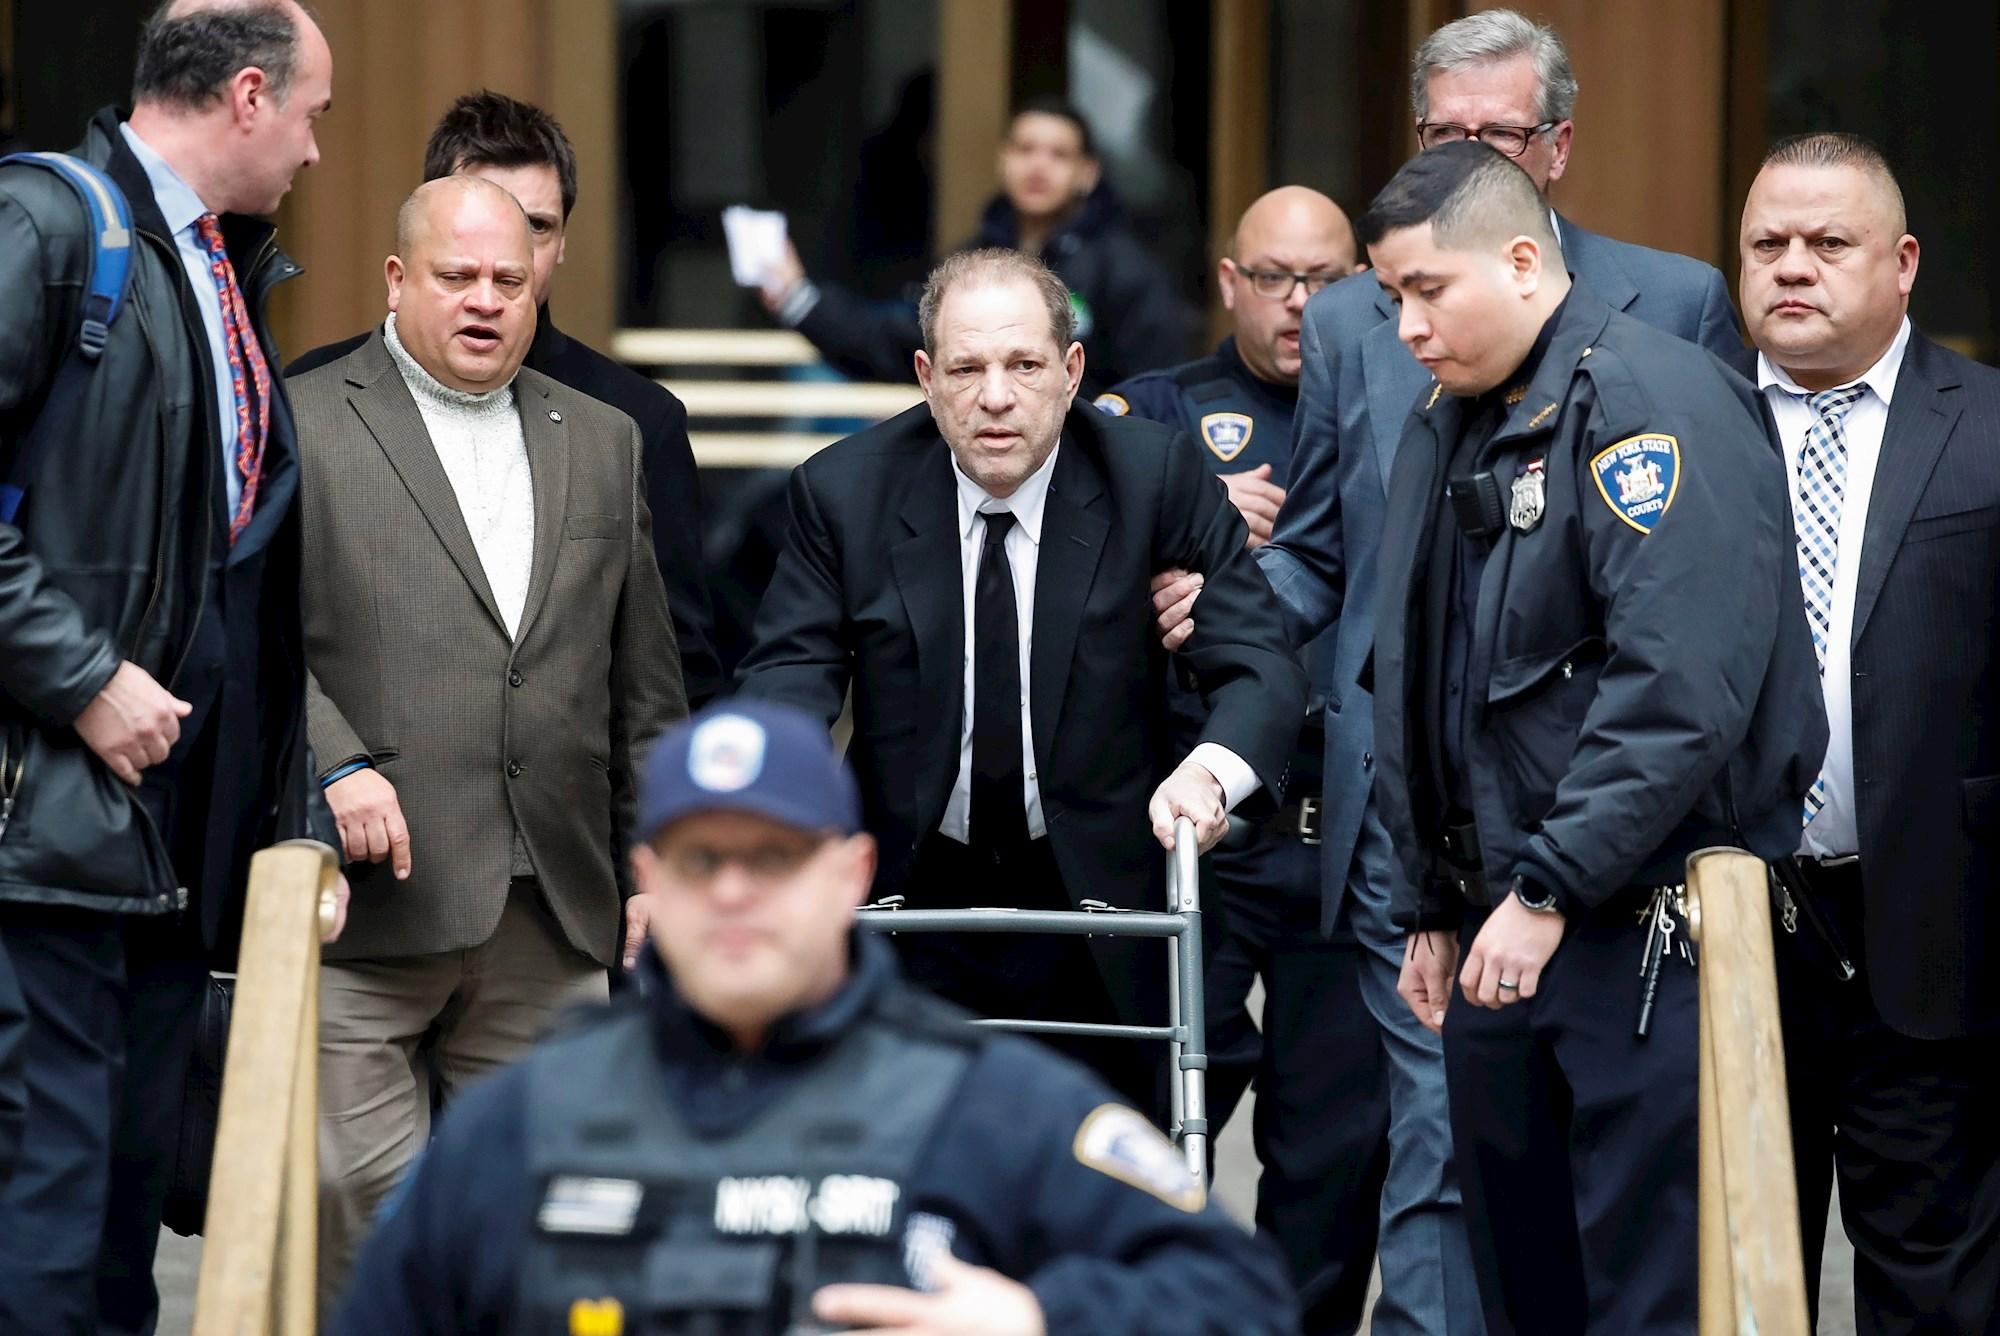 JUDICIALES. Harvey Weinstein (centro) parte después del primer día de su juicio penal en la Corte Suprema del Estado de Nueva York, el 6 de enero de 2020. | Foto: Efe.